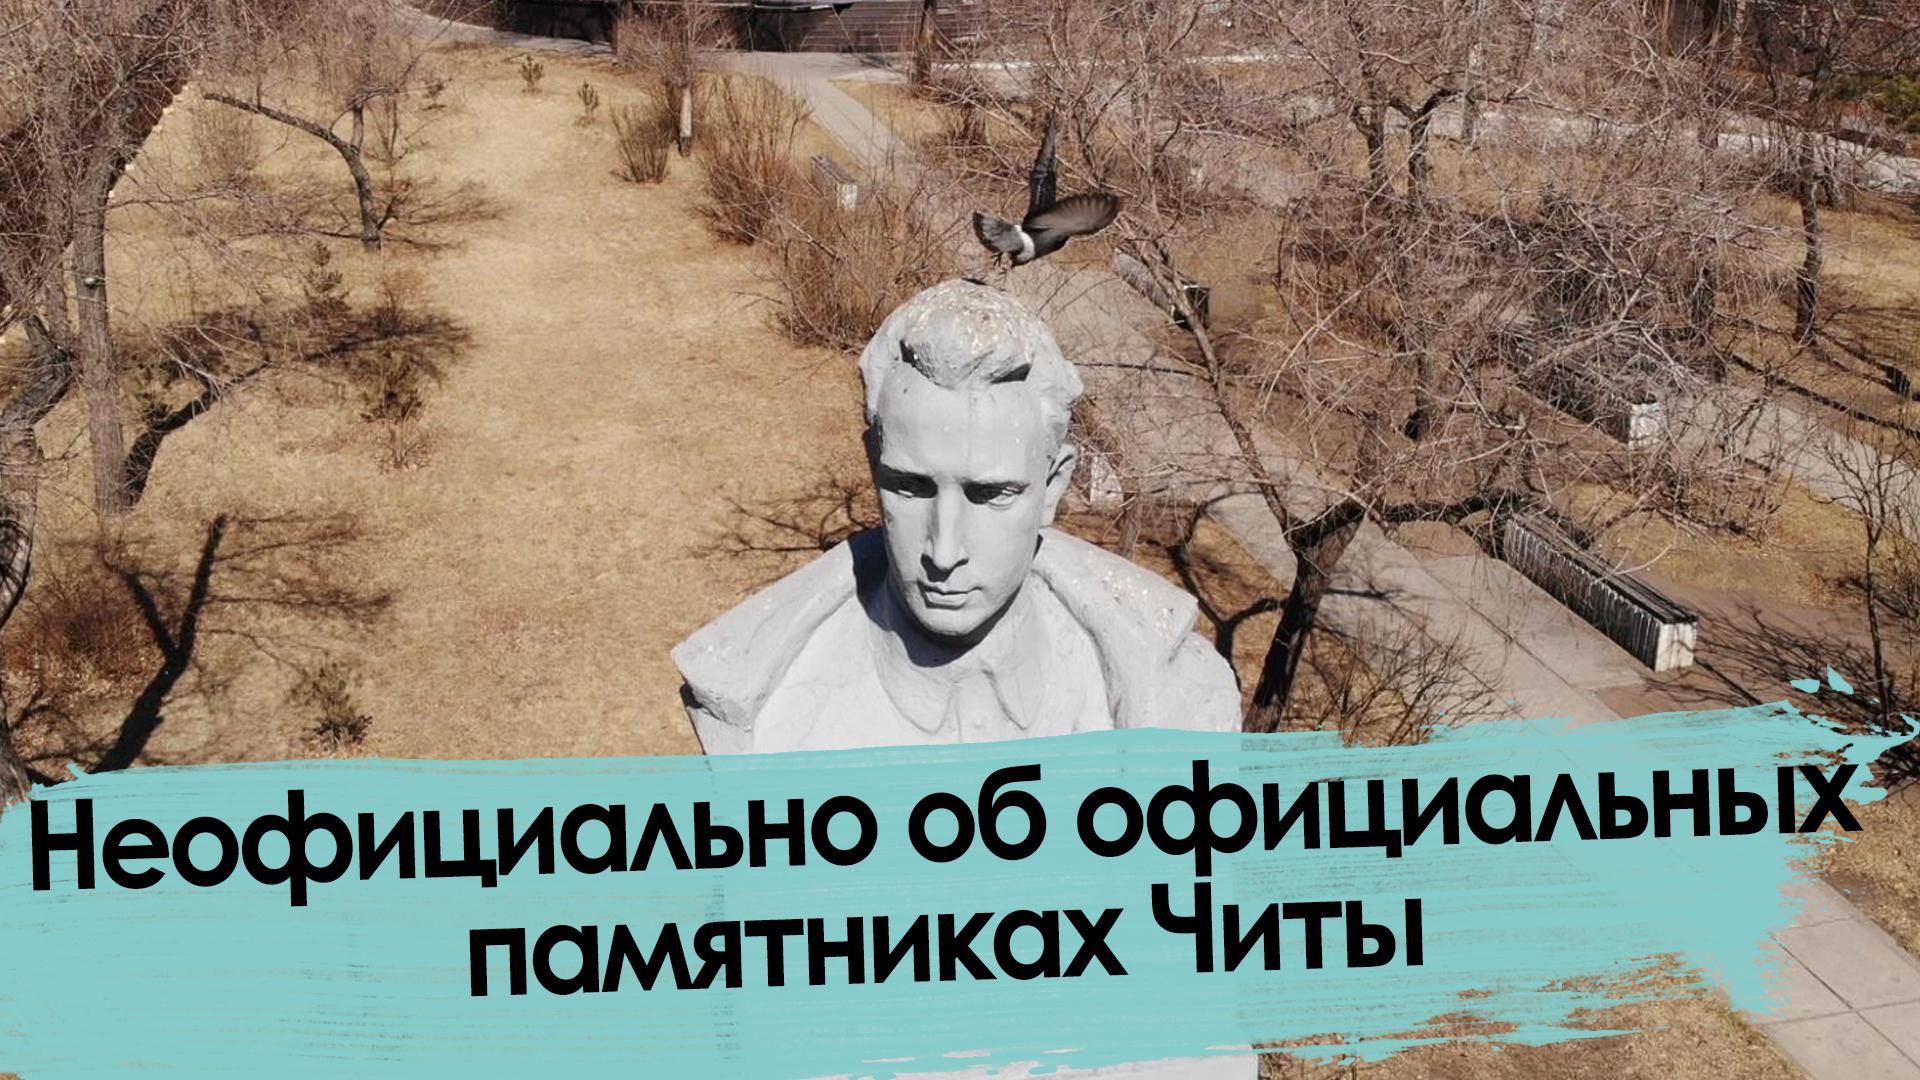 Цупсман, Ленин и Ванштейн: Неофициально об официальных памятниках Читы